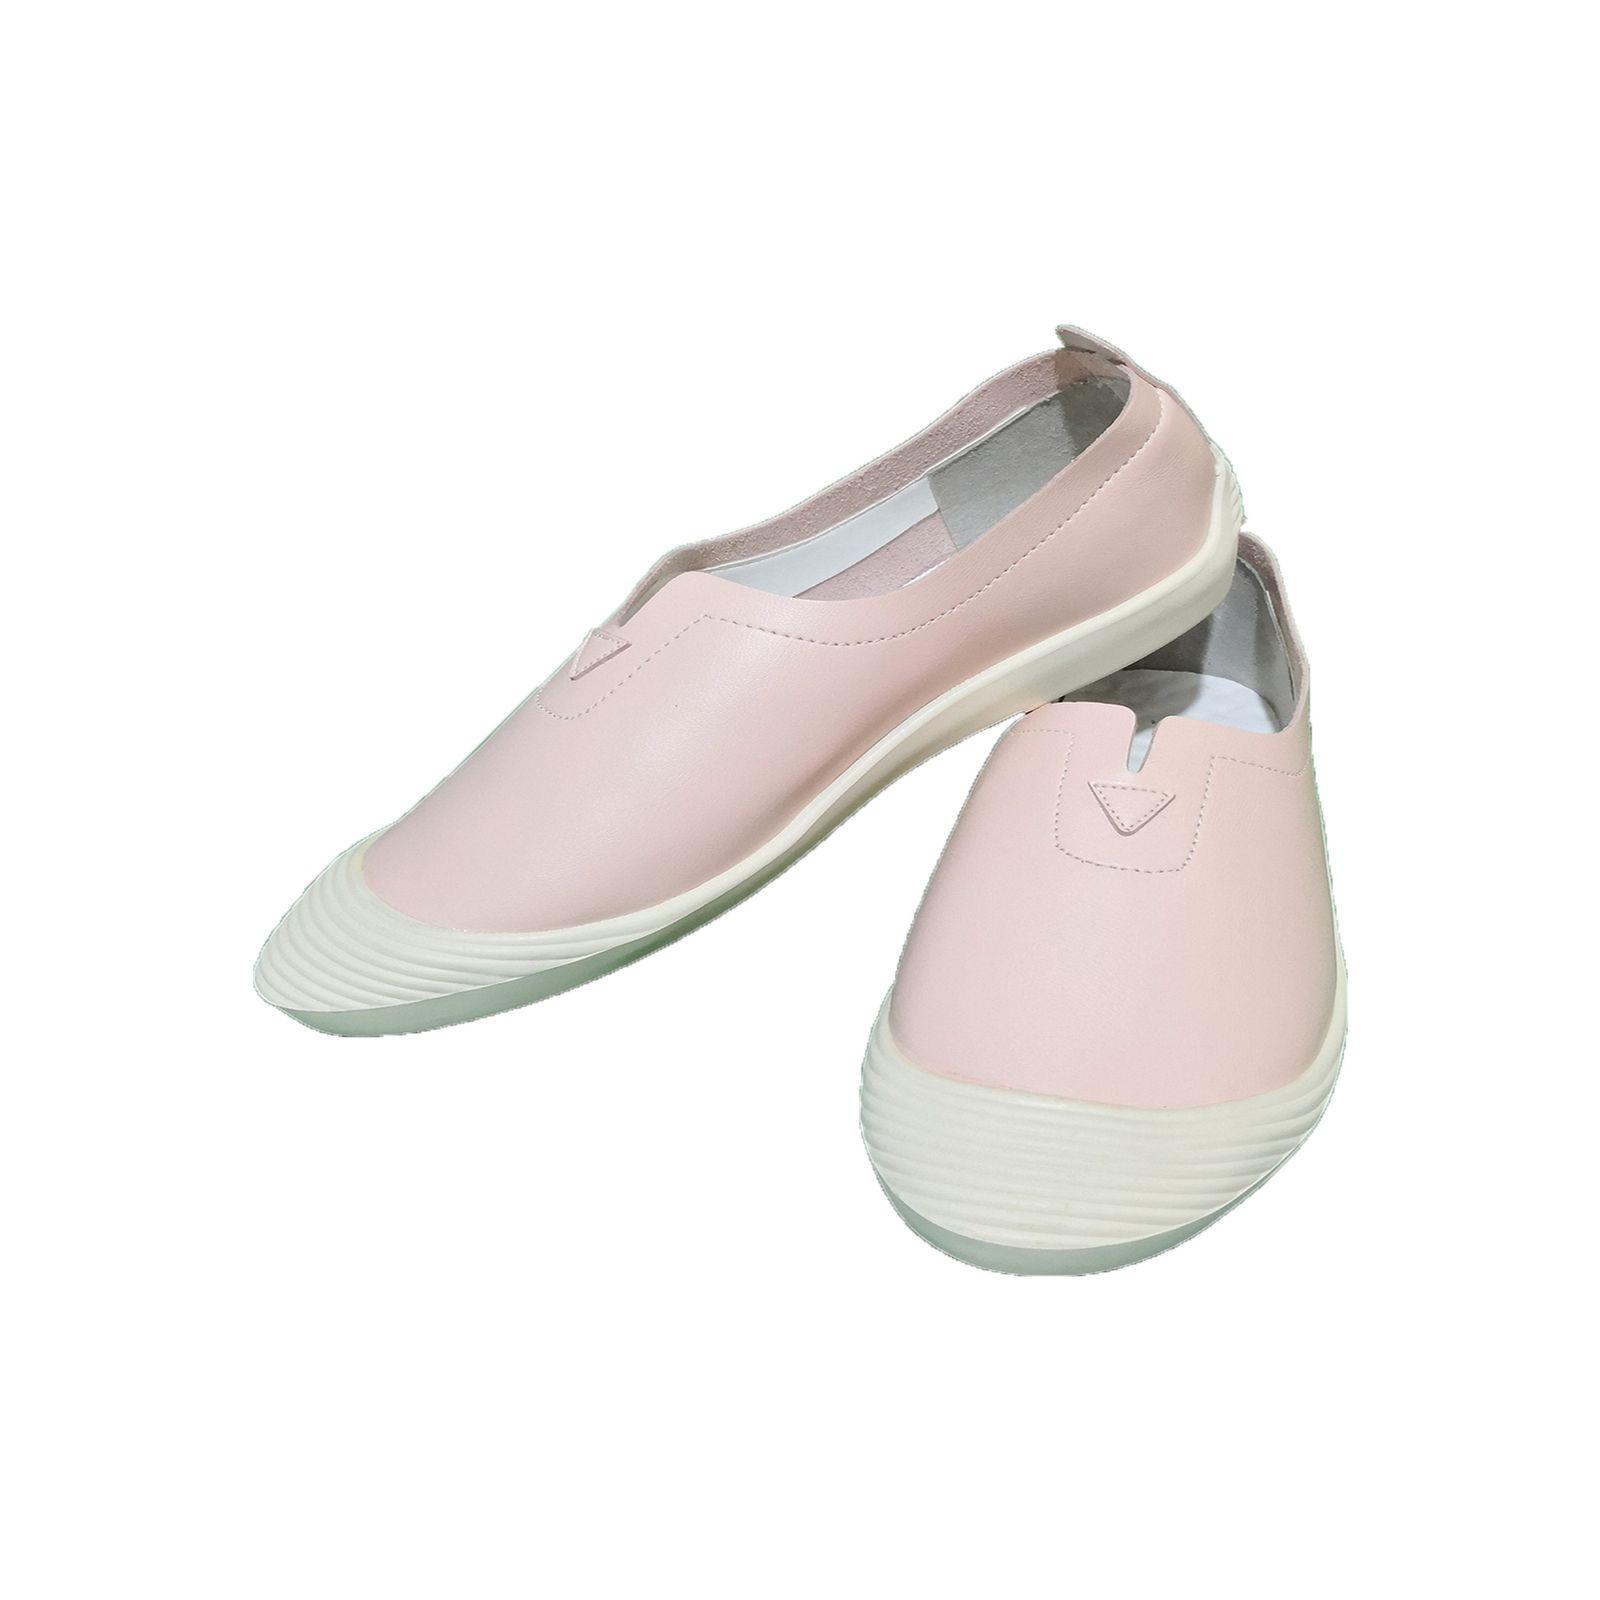 کفش روزمره زنانه کد s0015 -  - 2